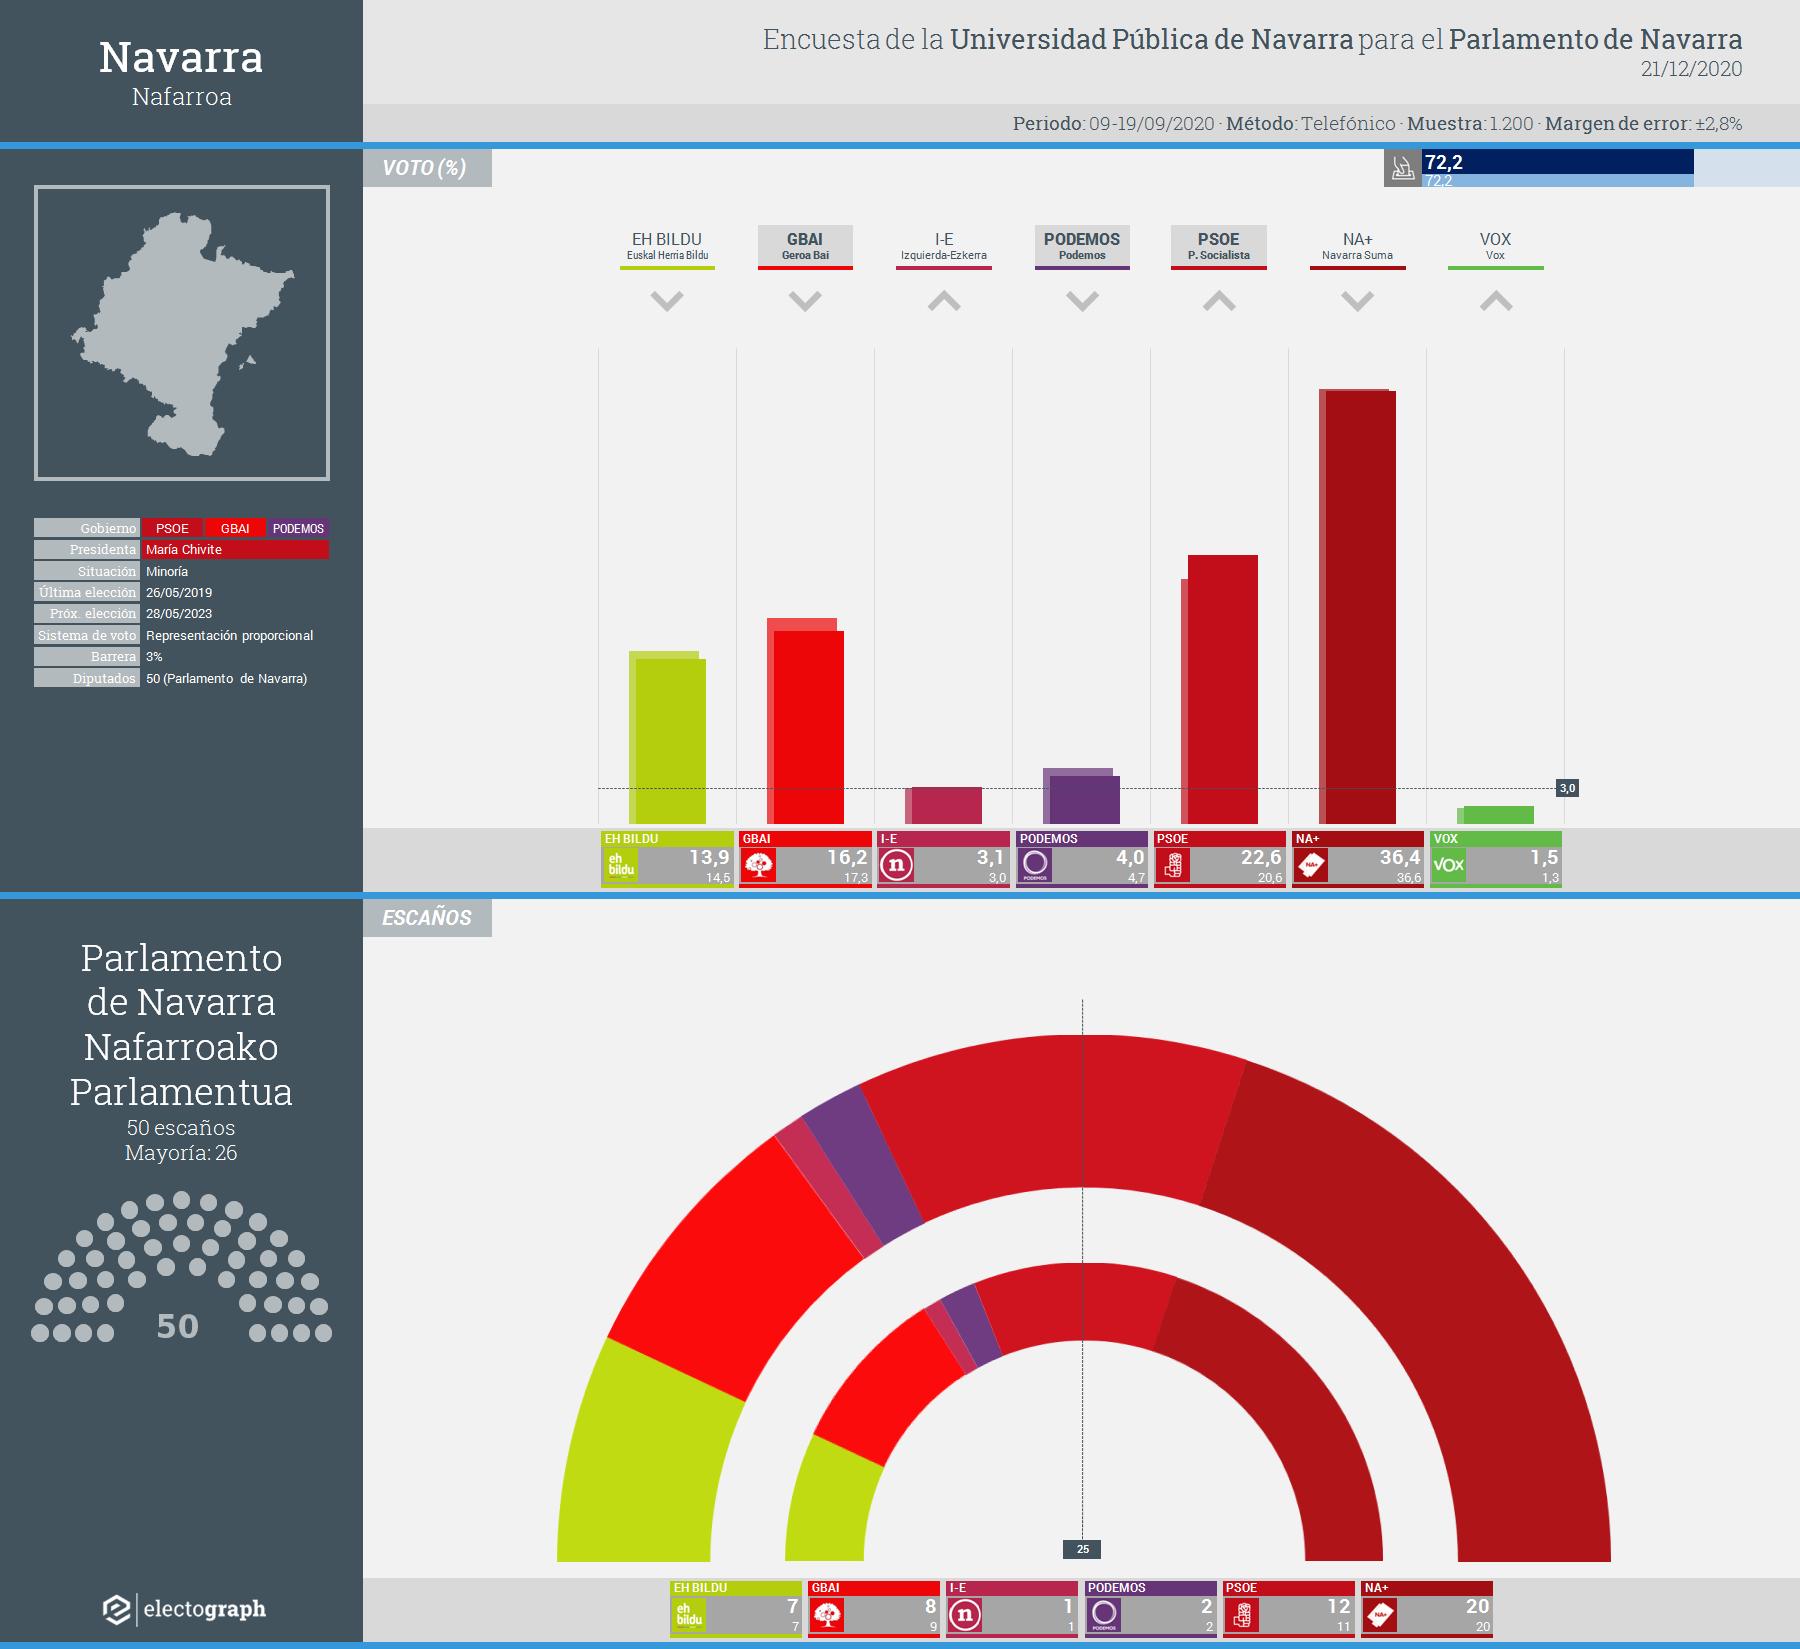 Gráfico de la encuesta para elecciones autonómicas en Navarra realizada por la Universidad Pública de Navarra para el Parlamento de Navarra, 21 de diciembre de 2020